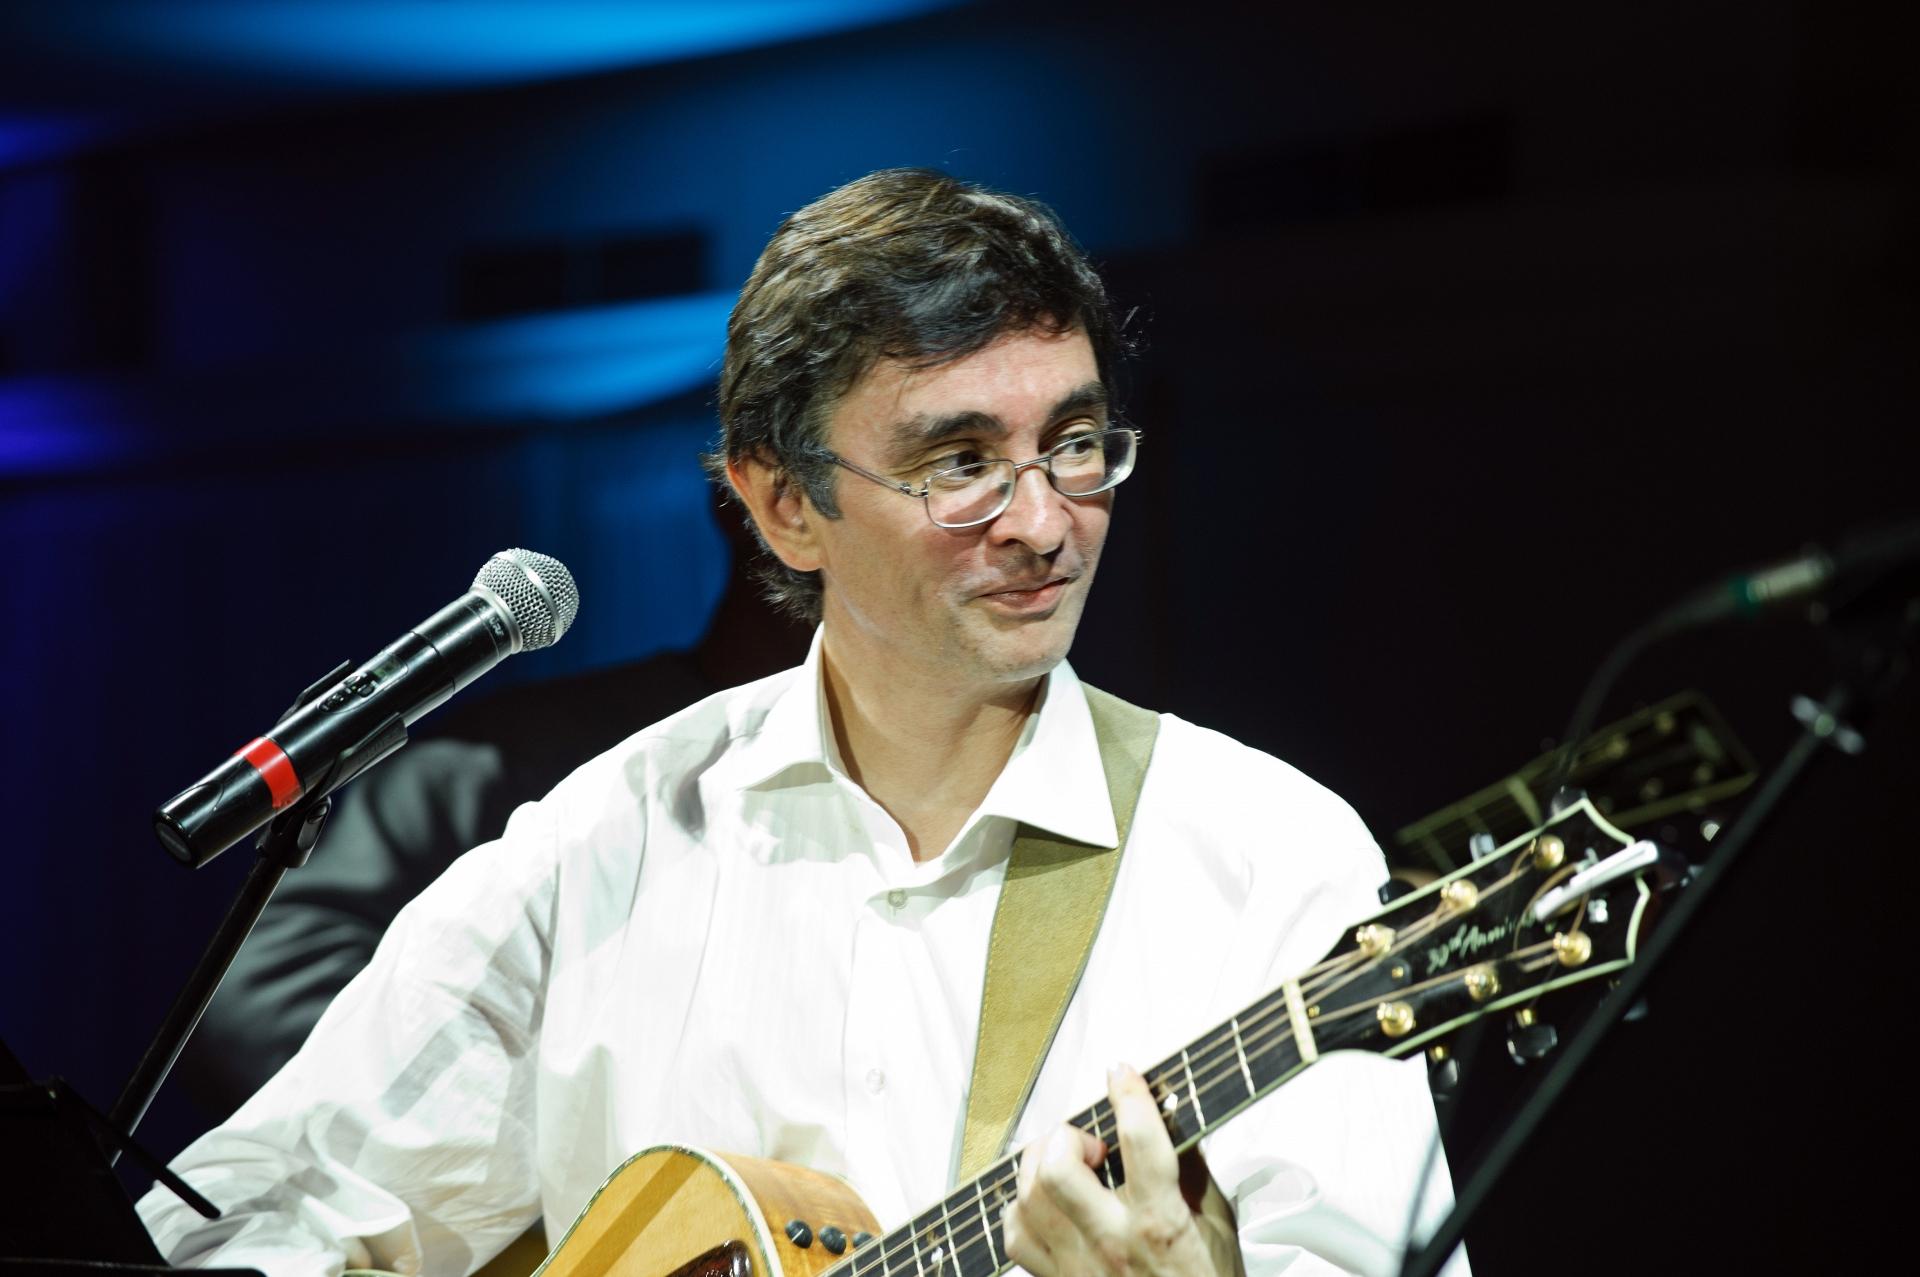 Тимур Шаов в Доме музыки даст концерт «Один день дяди Жоры»